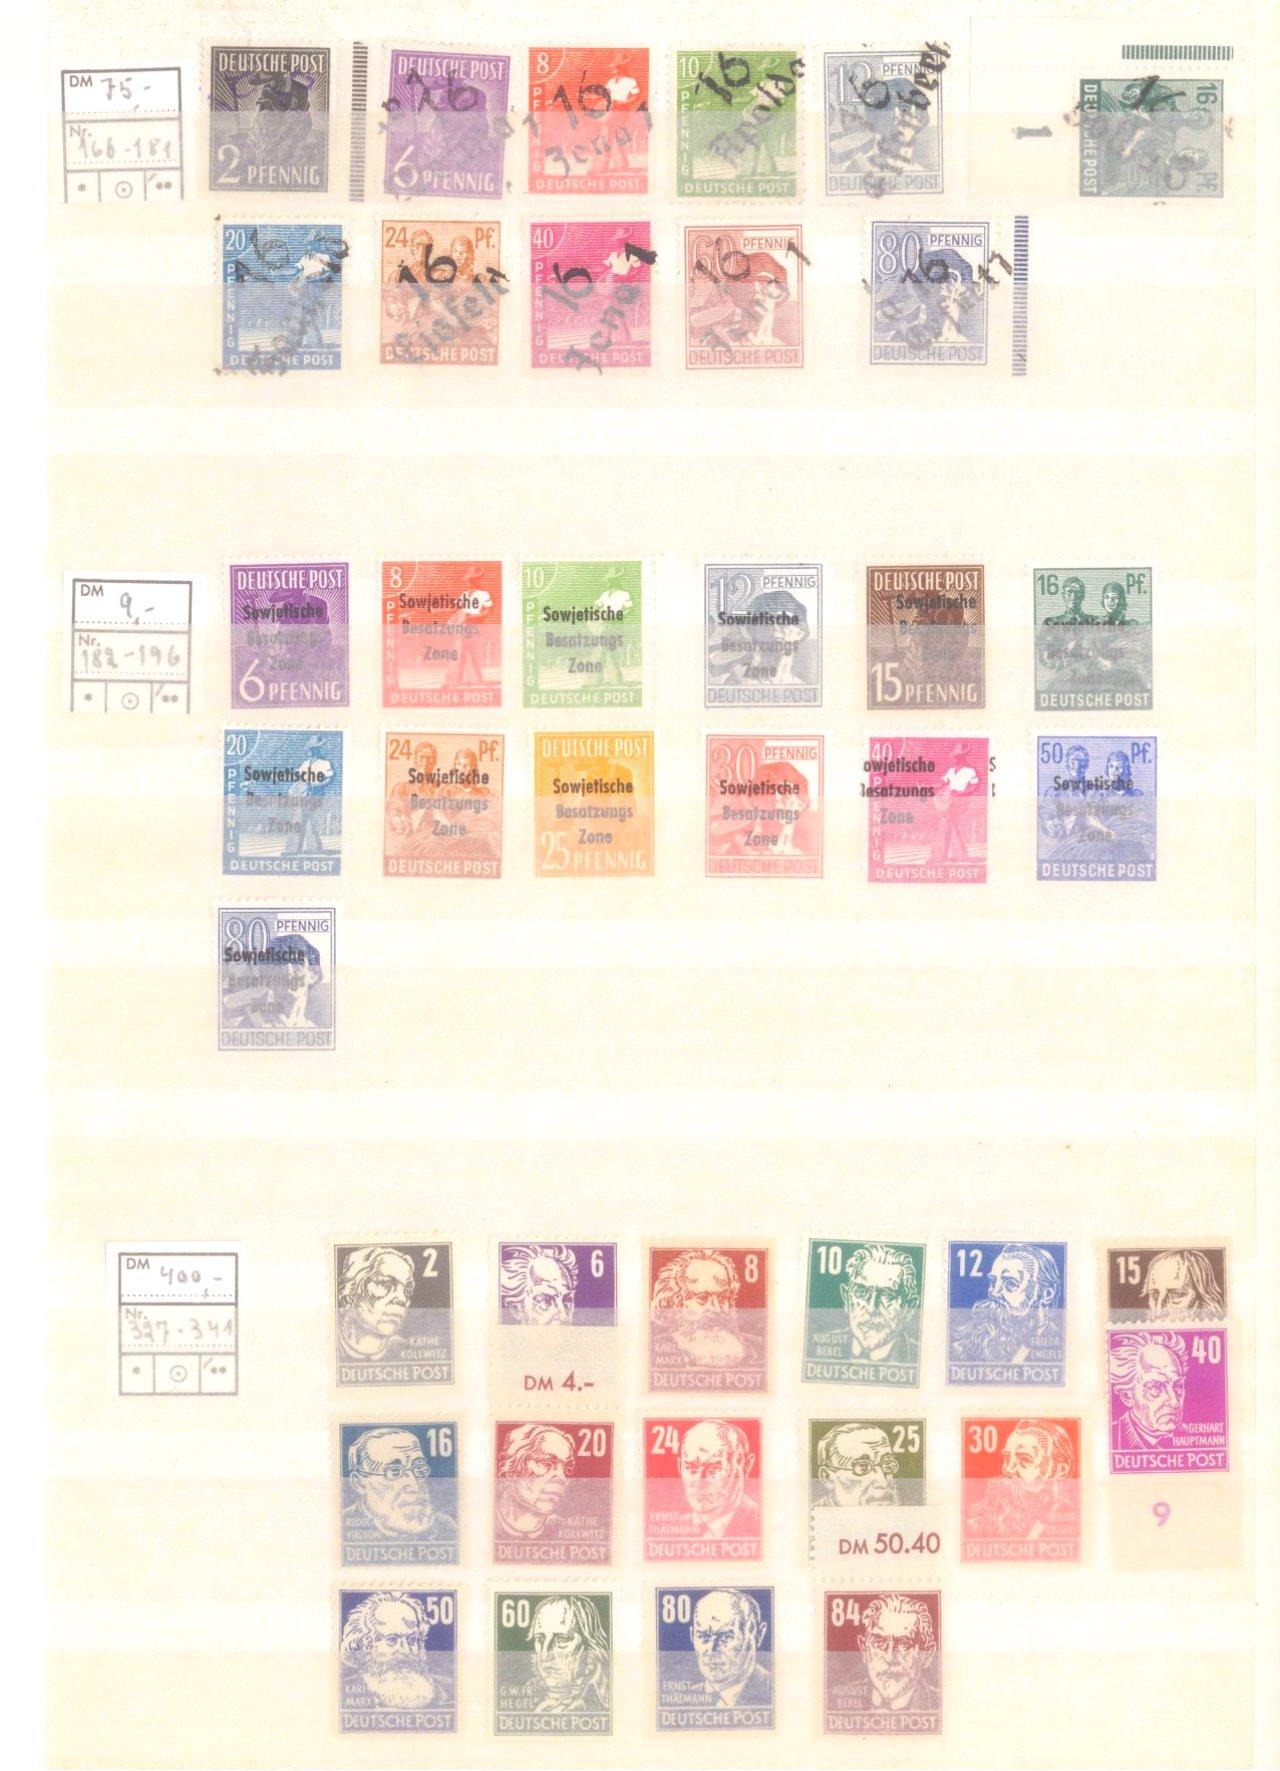 Mannheimer Briefmarkennachlass-31